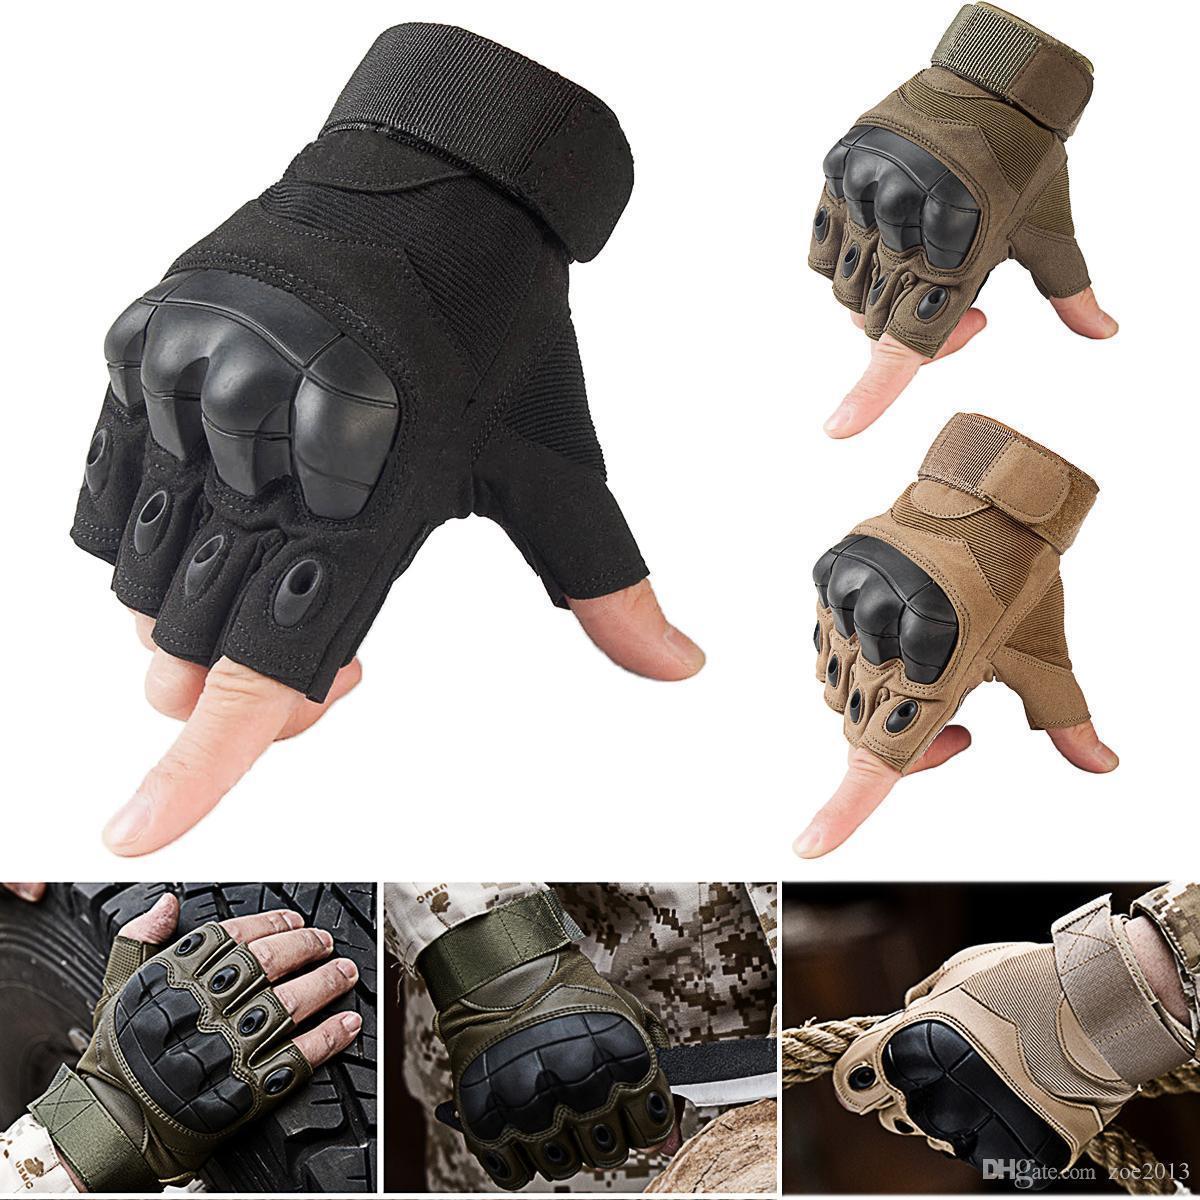 Новый 2018 Тактические перчатки Hard Knuckle Half Finger Открытый Военная подготовка Пейнтбол кросса гонки Спорт высокого качества